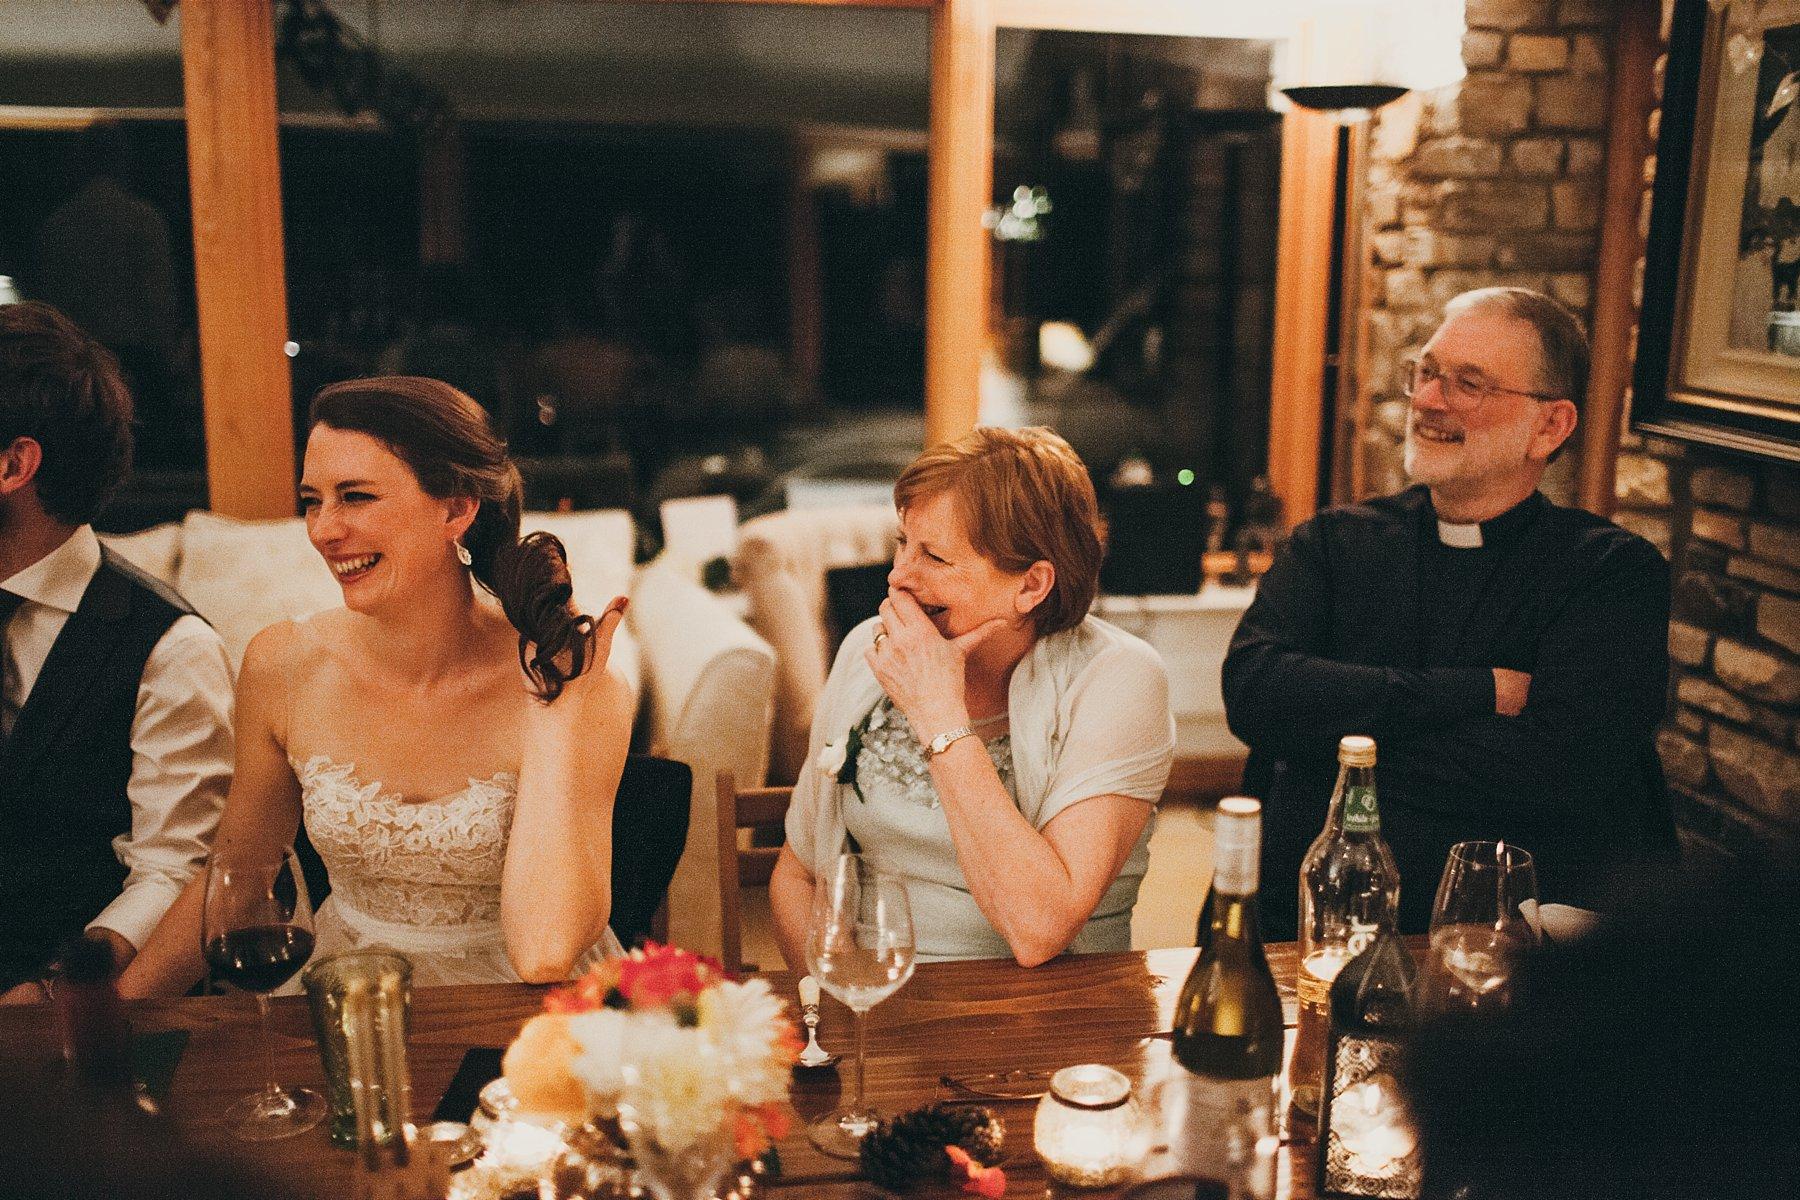 hornhead_donegak_elopement_weddings_0119